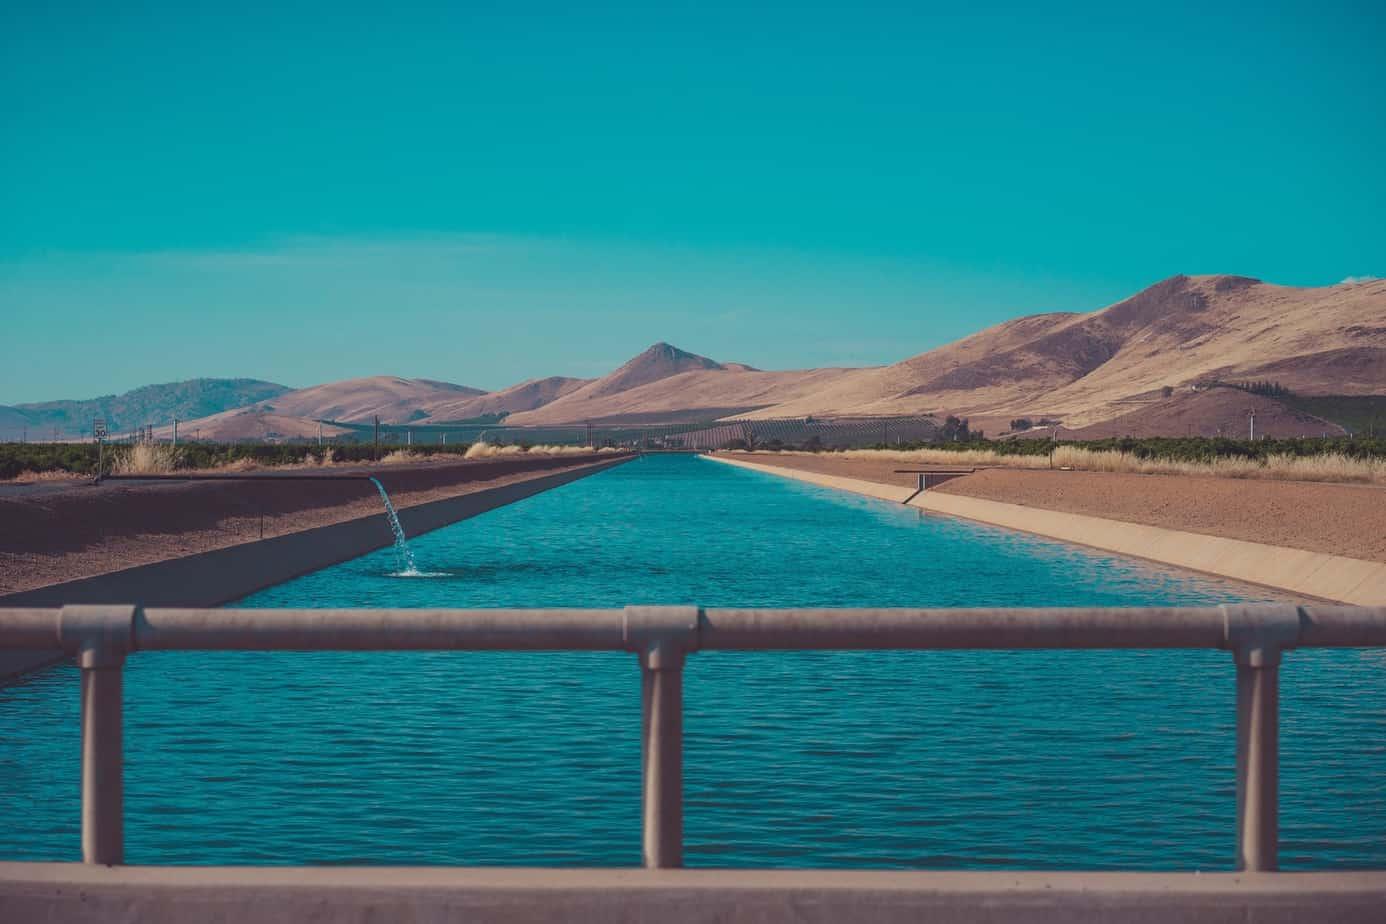 Carretera Hídrica: la «solución parche» más grande de la historia de la humanidad